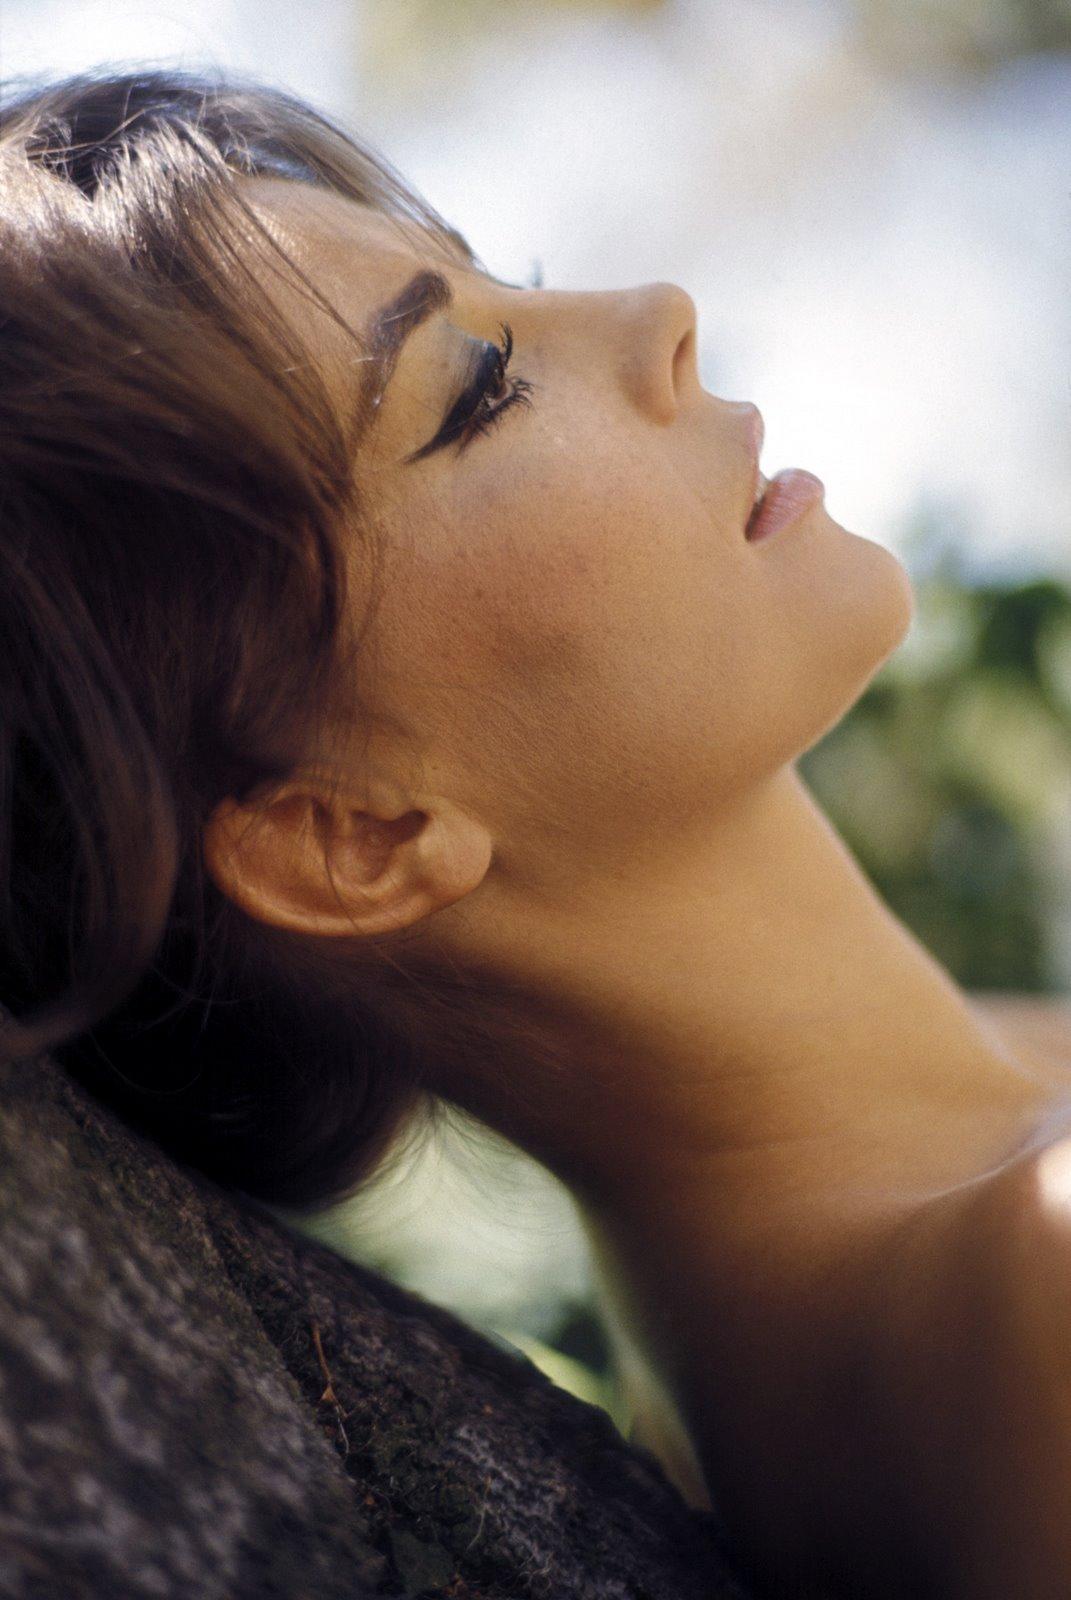 http://4.bp.blogspot.com/-GLfN_r0glyA/TqMflPrao_I/AAAAAAAAC-A/v-MfshwjL8s/s1600/Natalie+Wood30.jpg